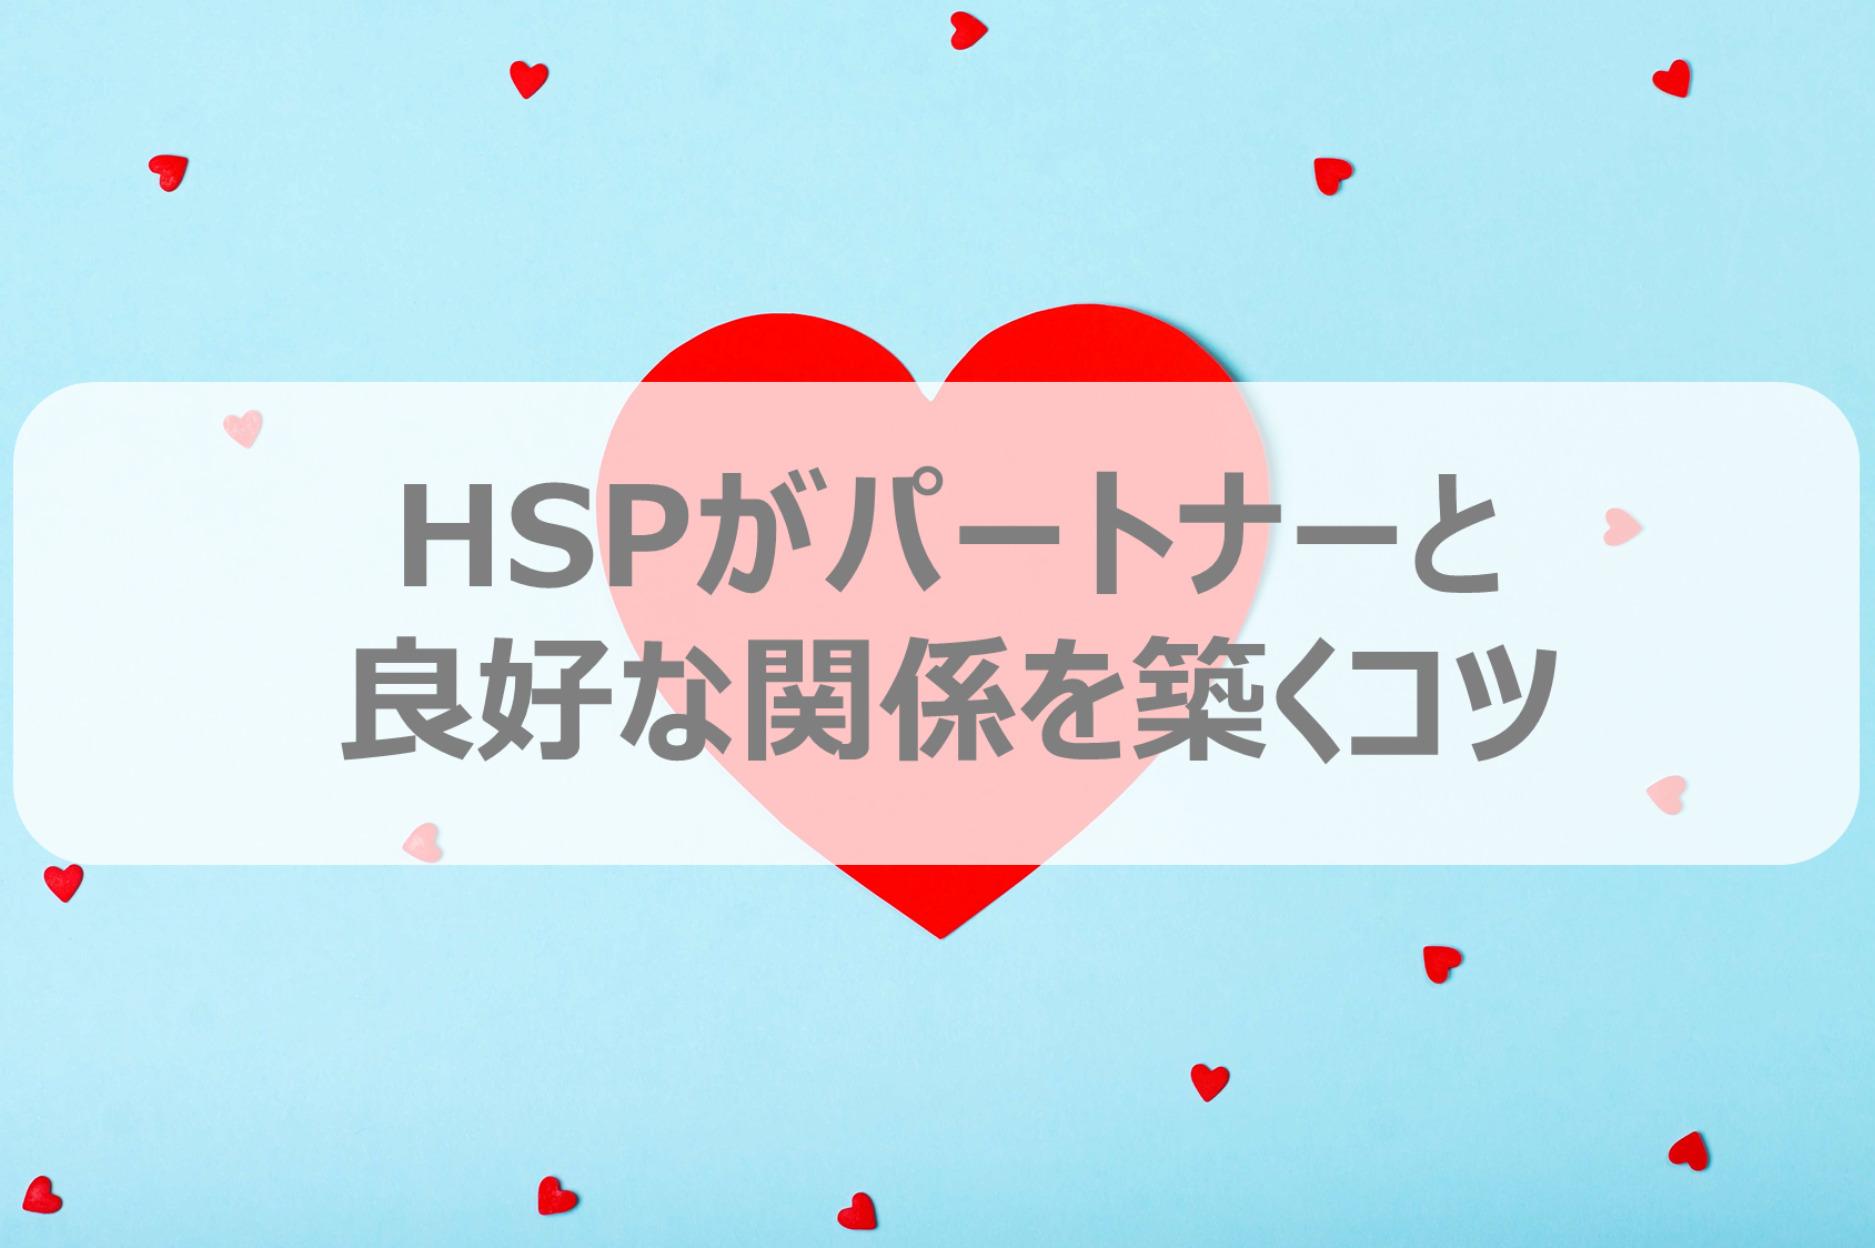 HSP必見!パートナーと良好な関係を築く8つのポイント